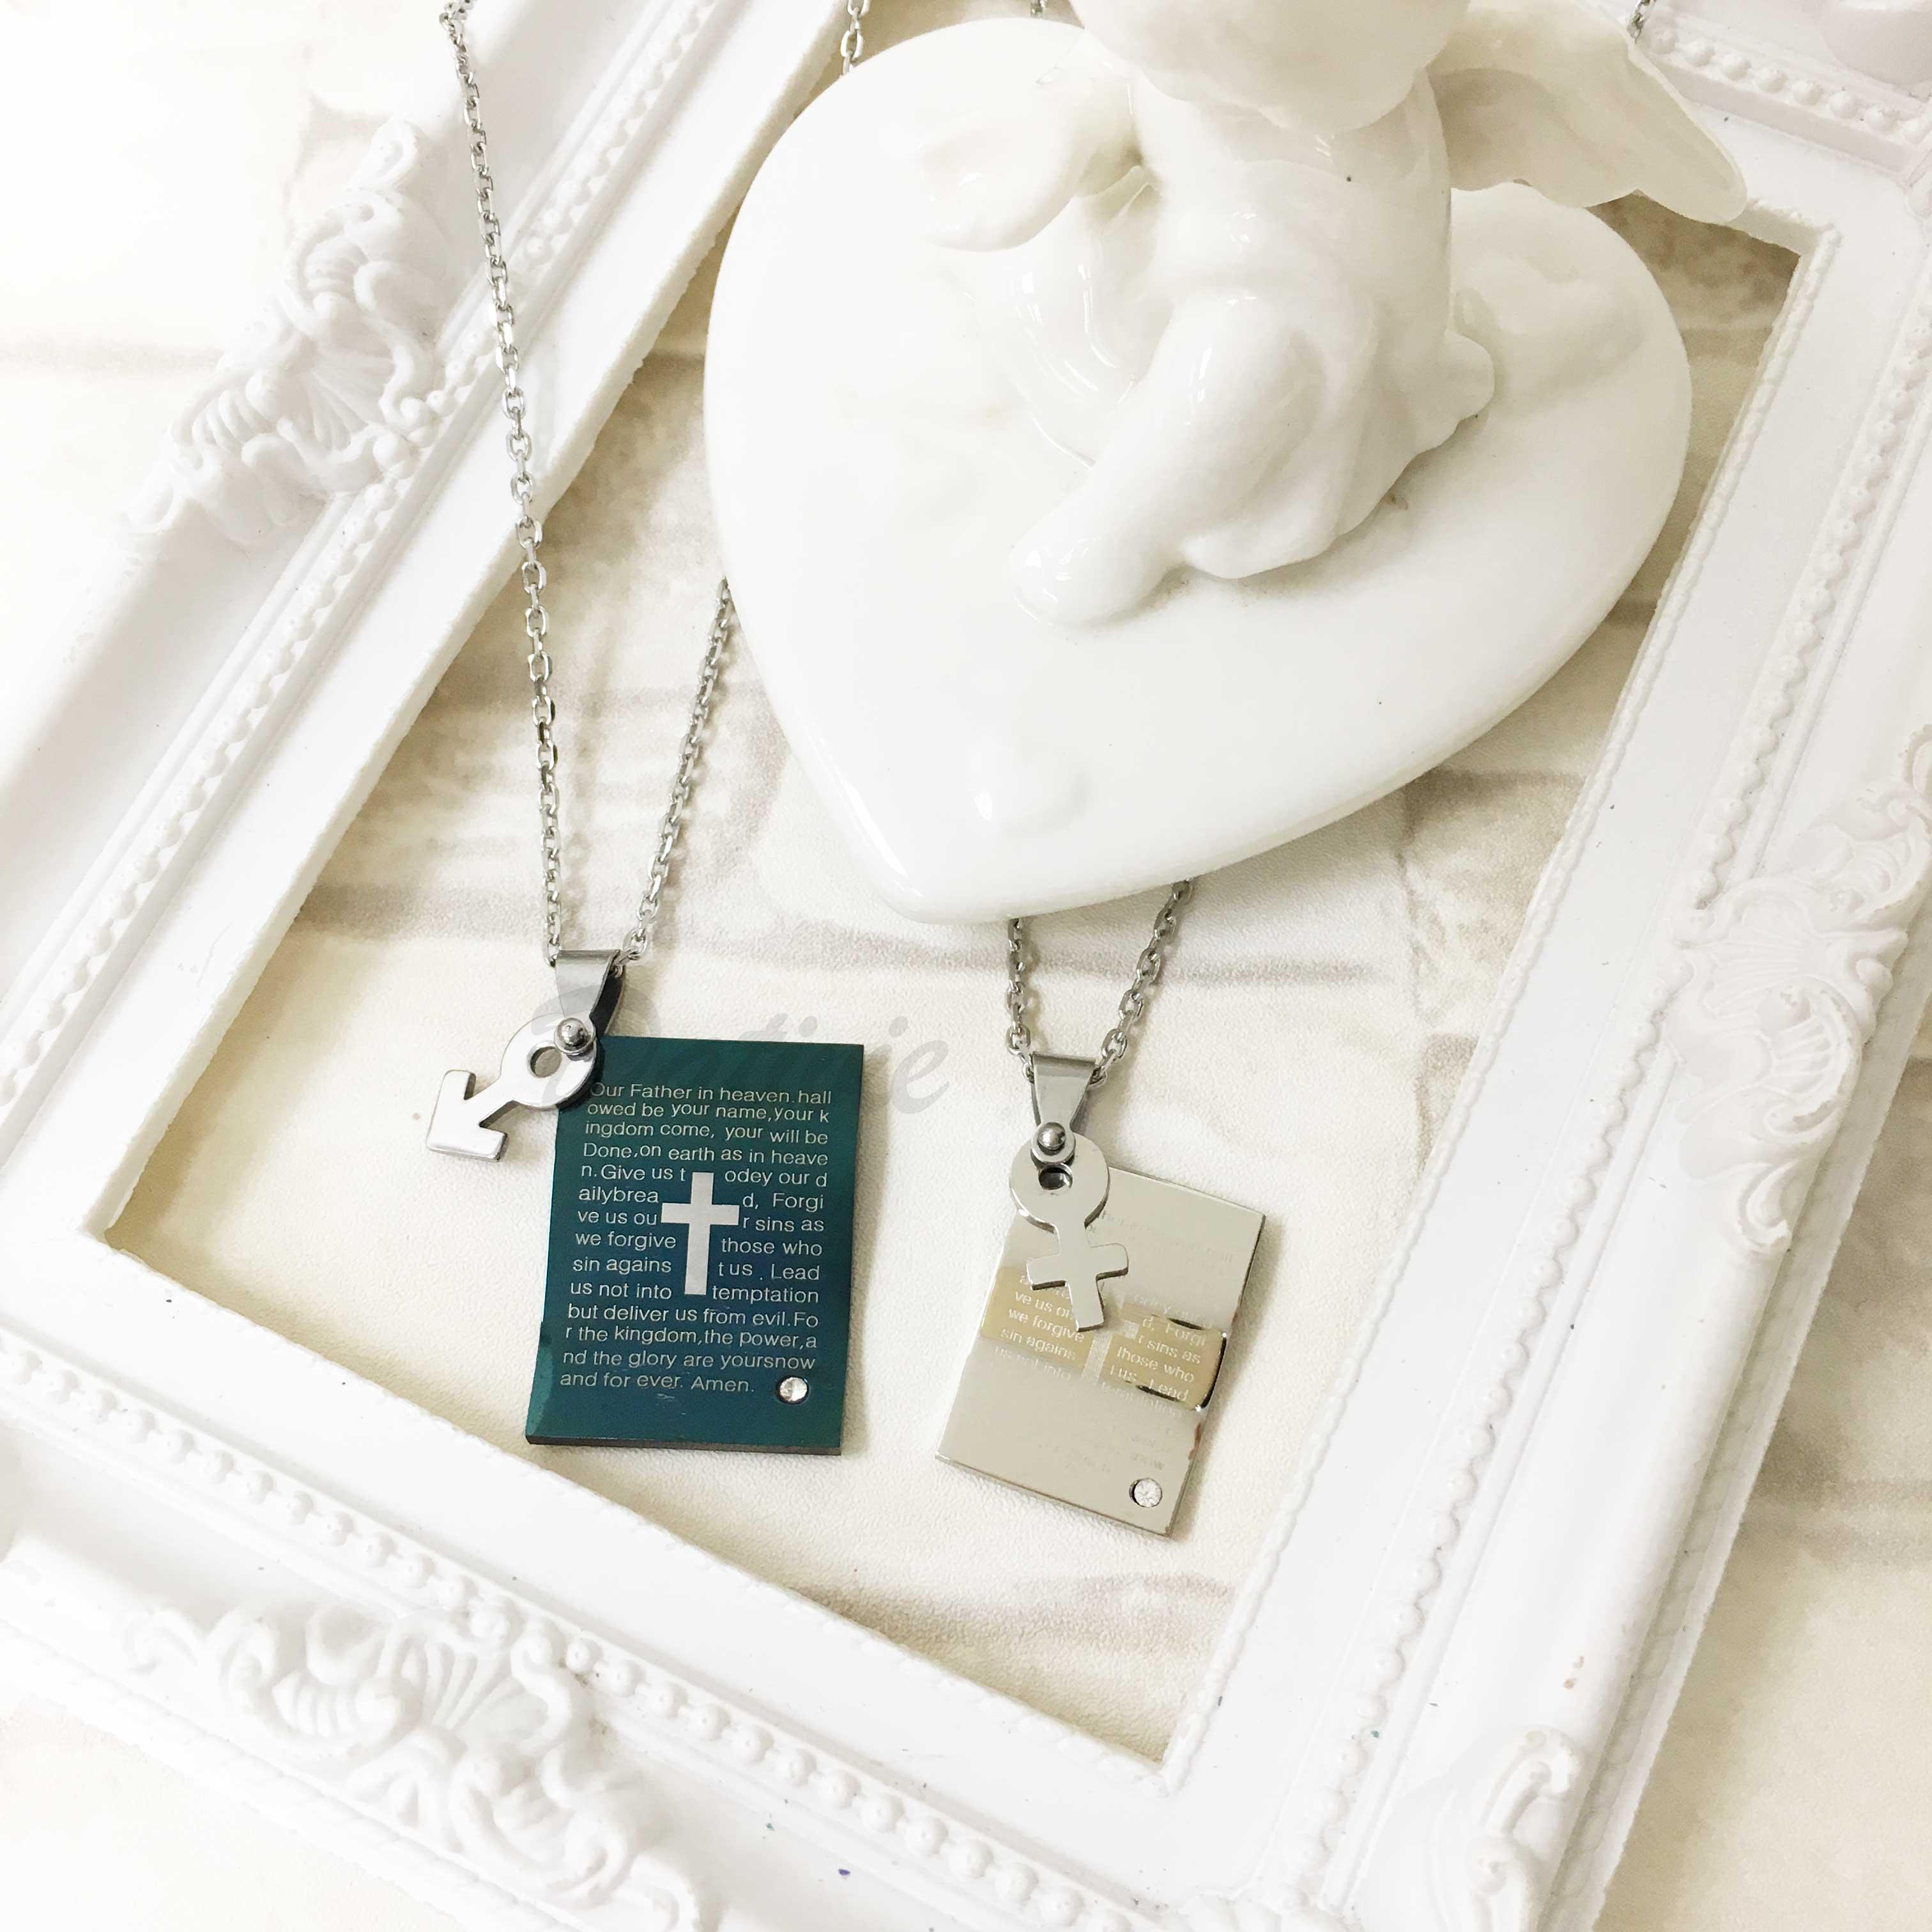 不鏽鋼 波浪吊牌刻聖經十字架 男女標示 鑲單鑽 項鍊